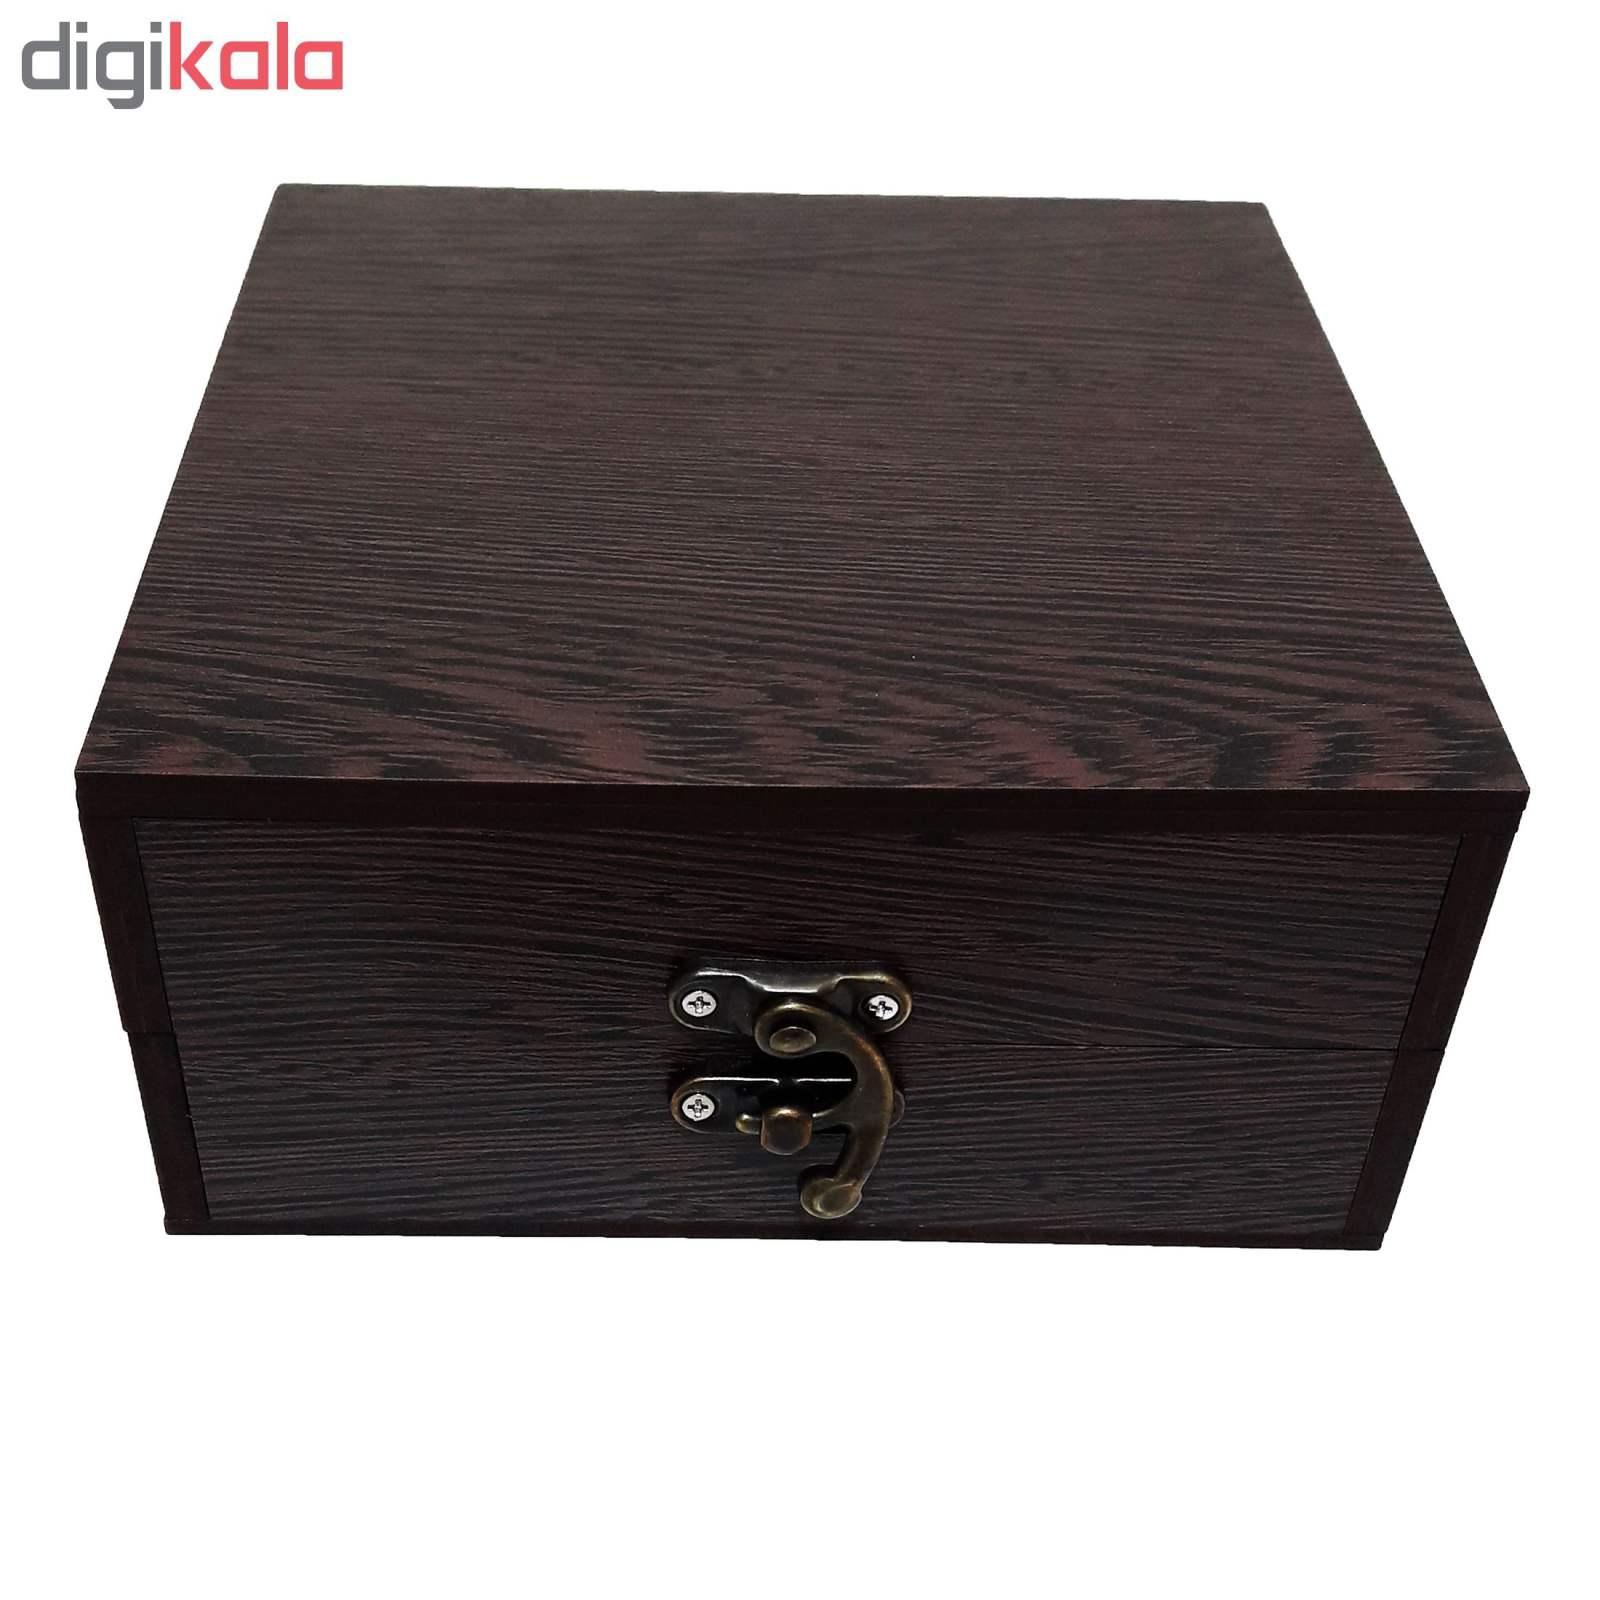 خرید                      جعبه هدیه چوبی کادو آیهان باکس مدل 63